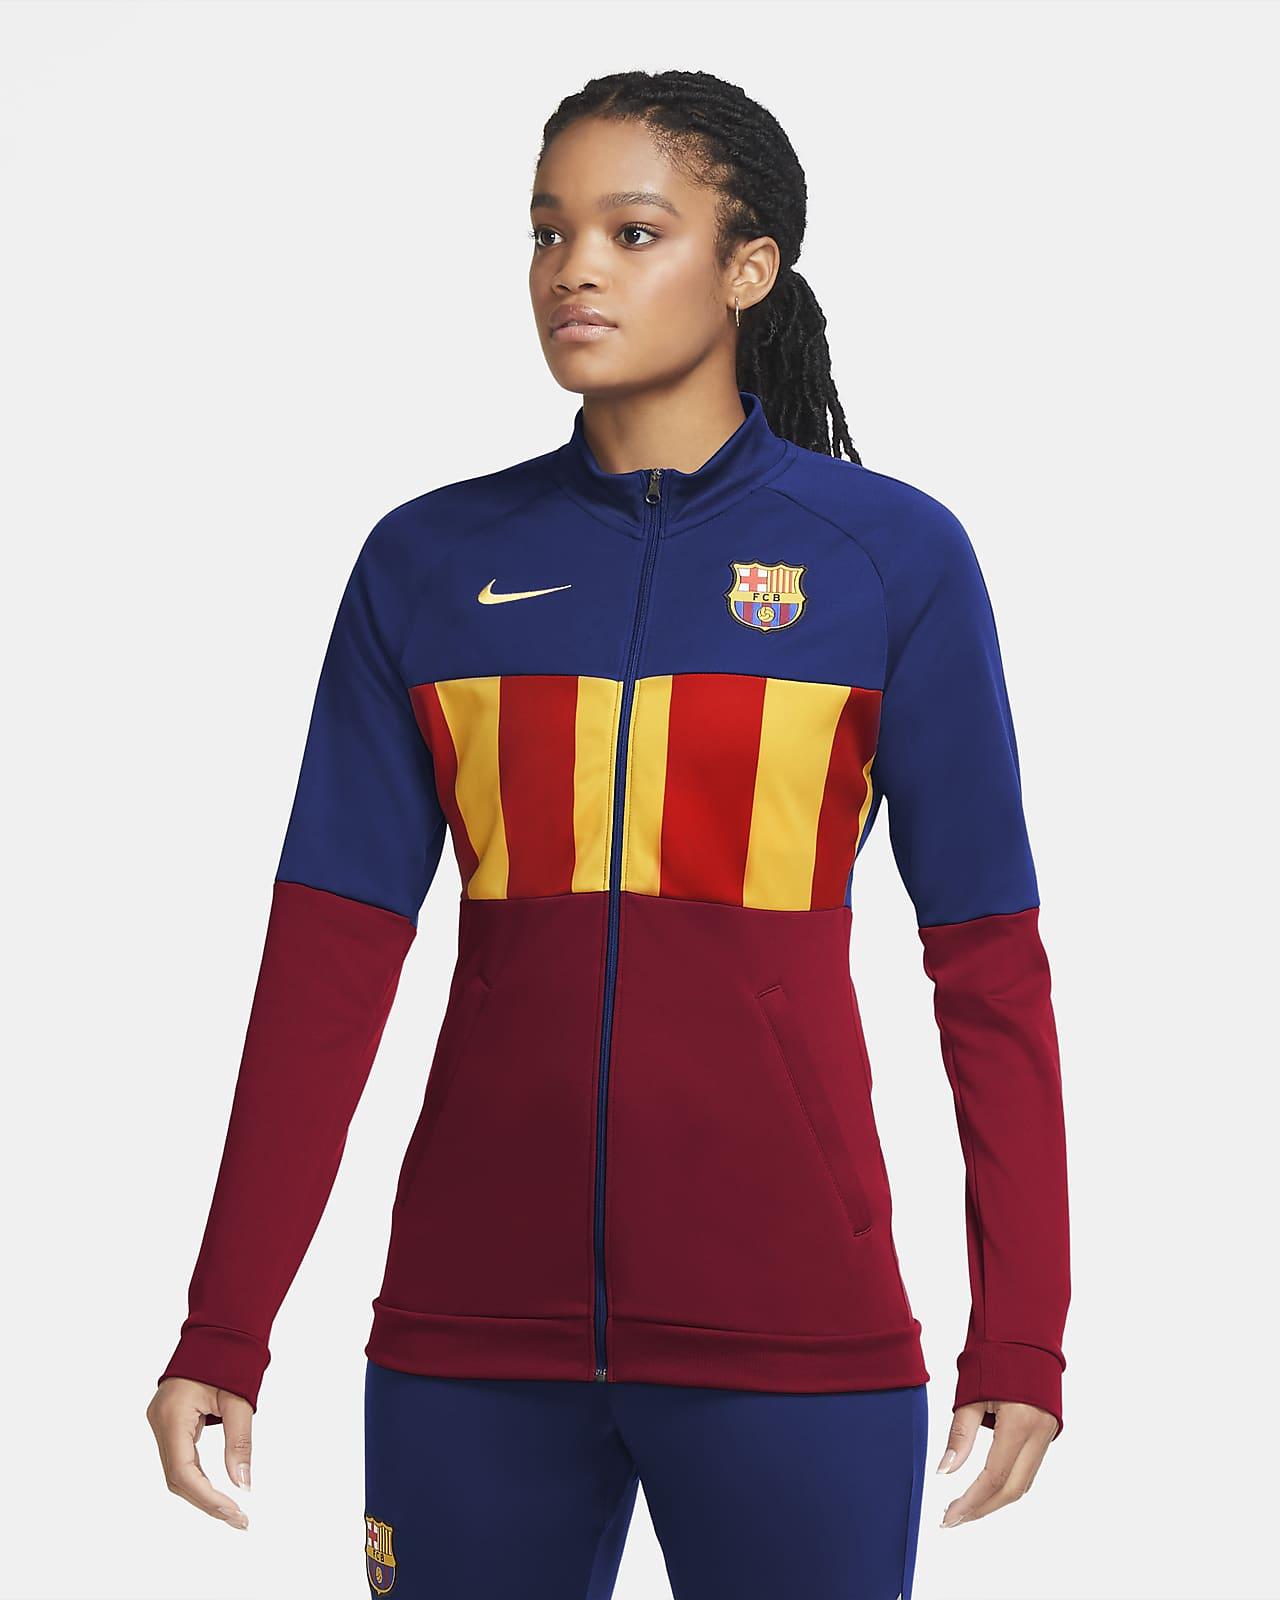 Γυναικείο ποδοσφαιρικό τζάκετ φόρμας Μπαρτσελόνα Anthem